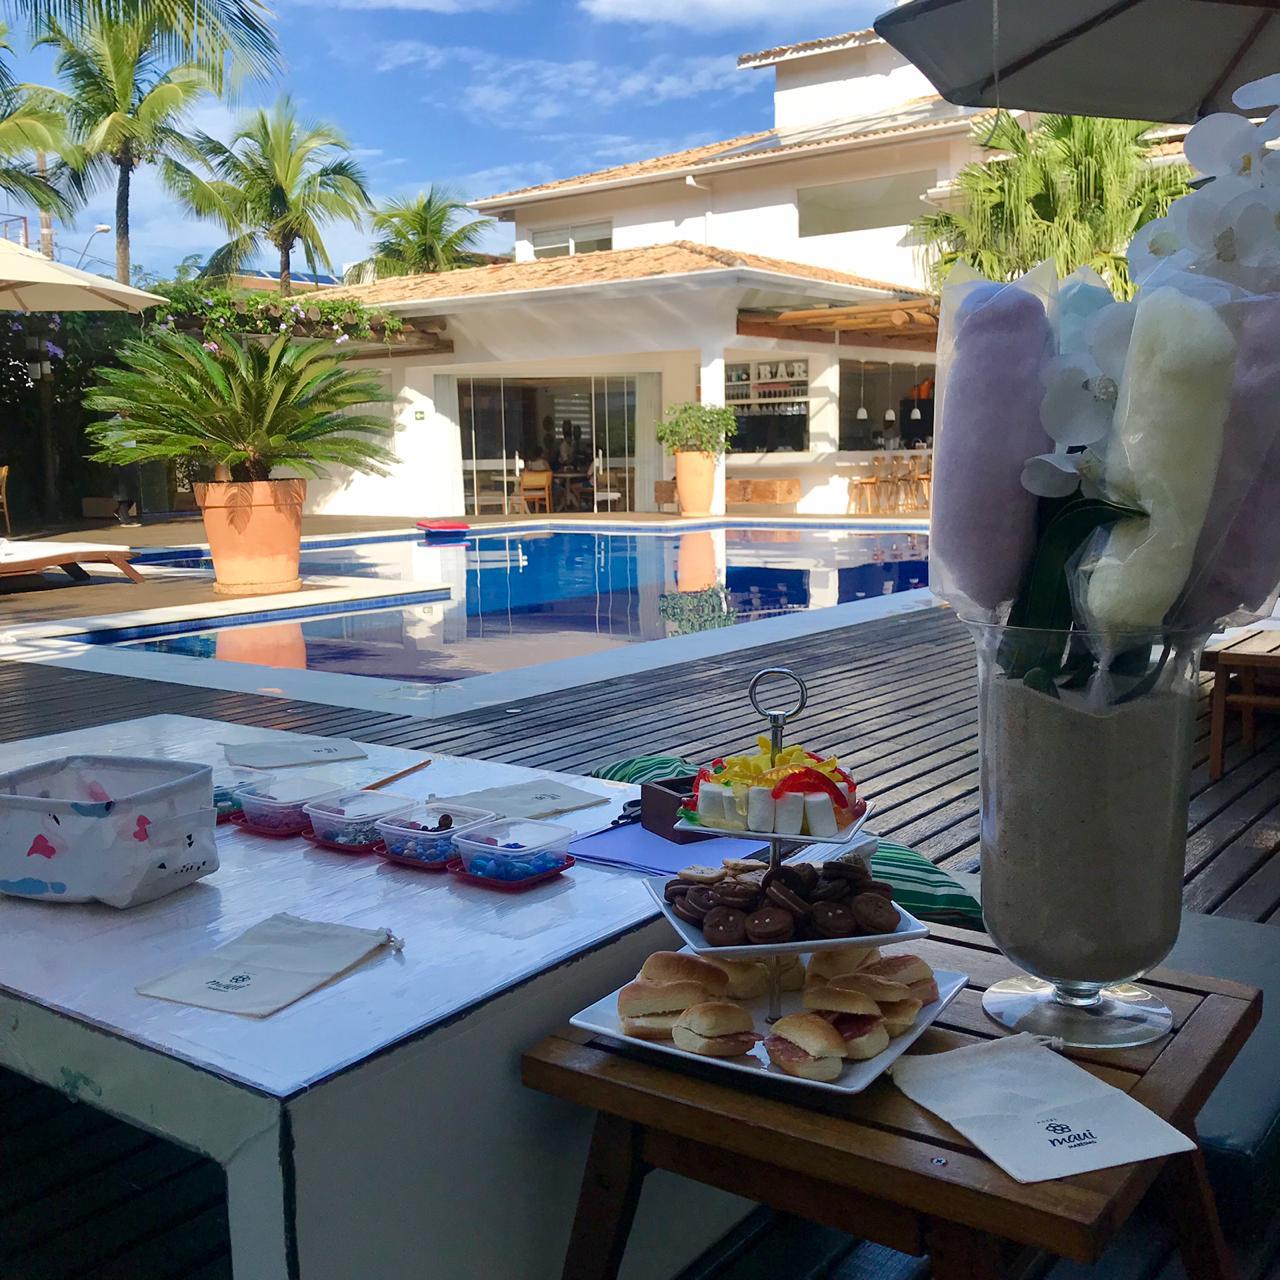 Hotel Maui Maresias -praia litoral norte são paulo - DIA DAS CRIANÇAS